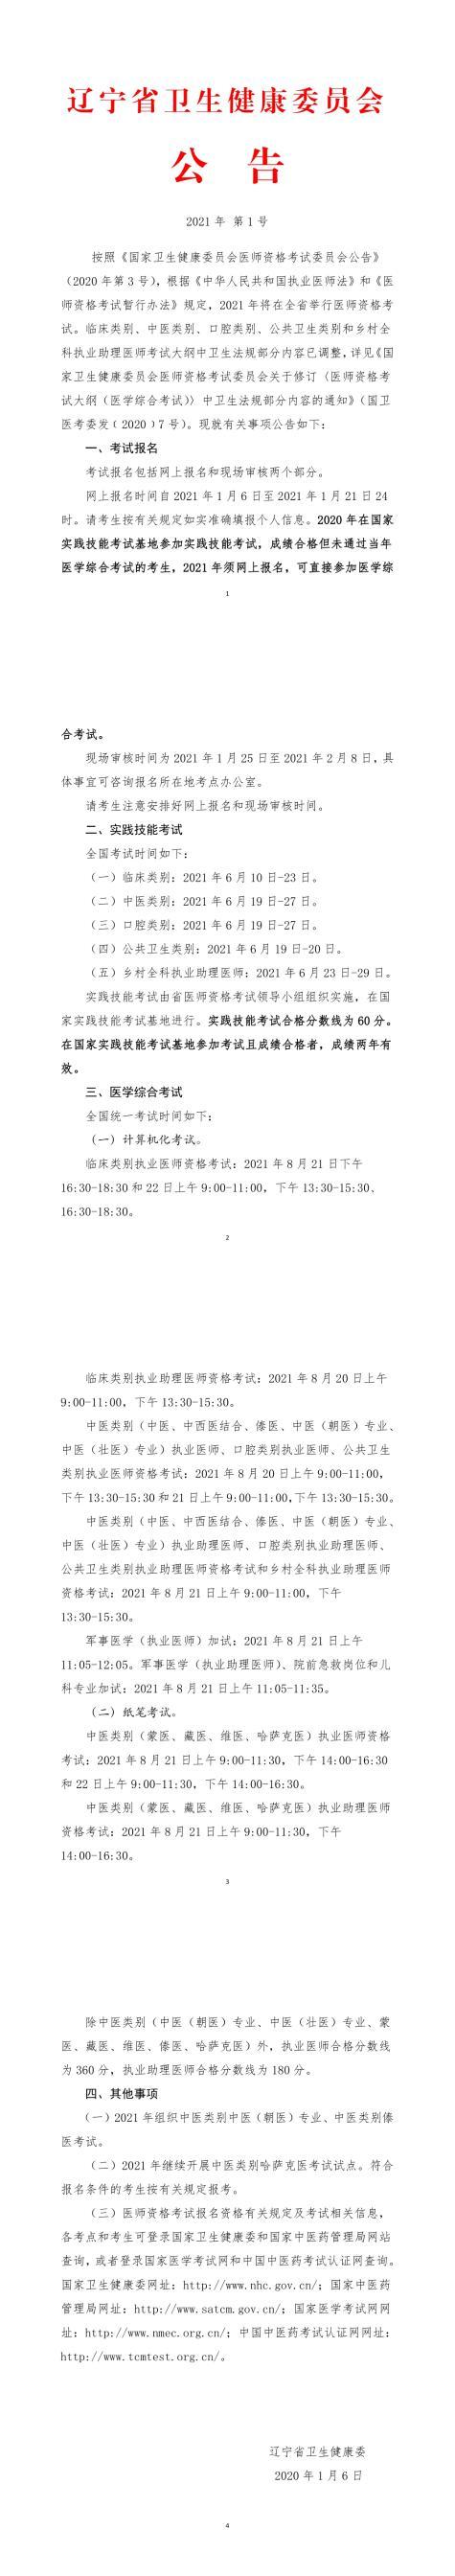 2021年医师资格考试公告辽宁